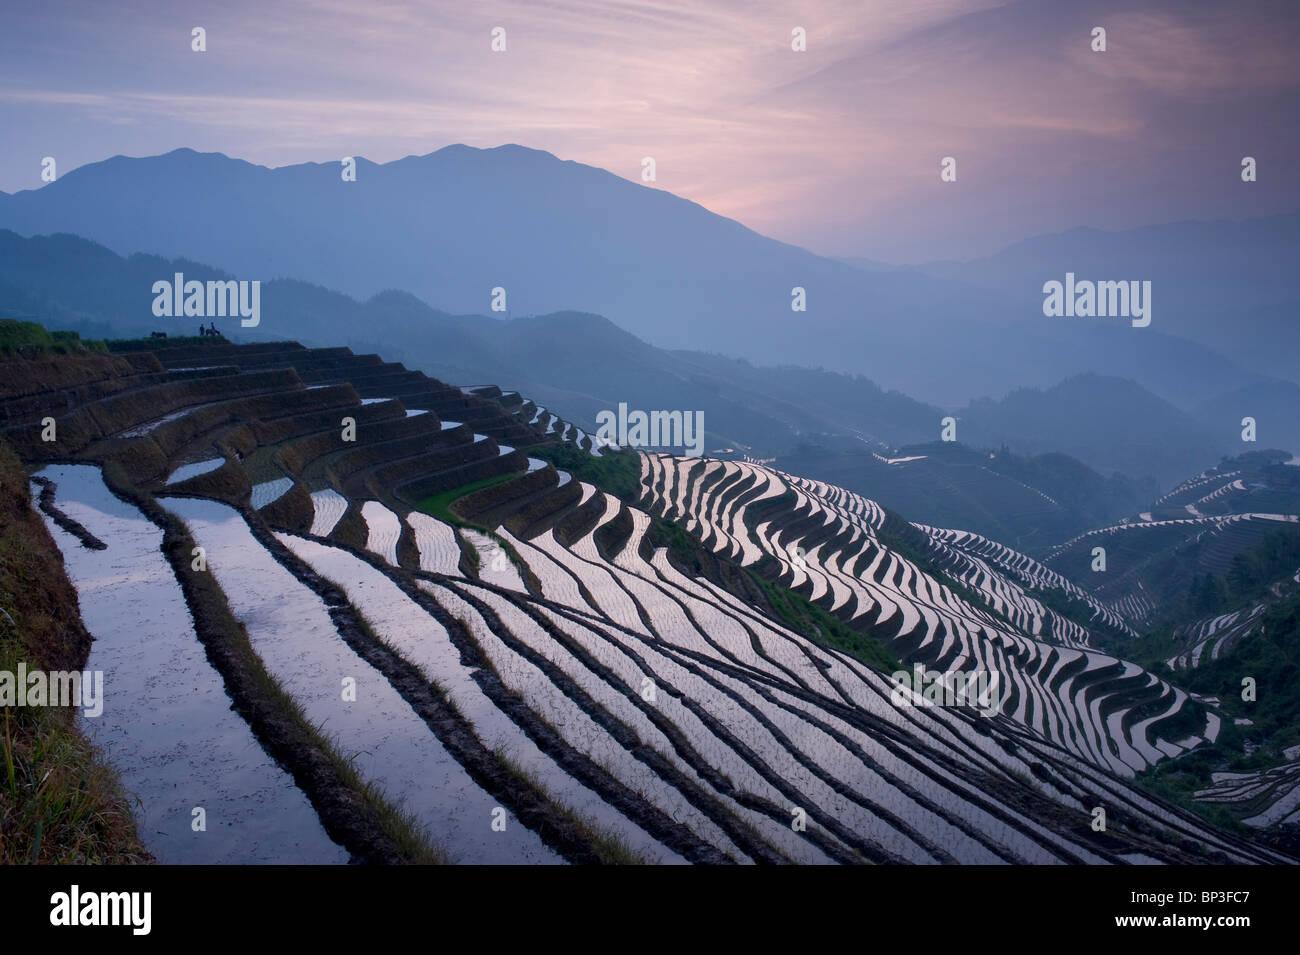 O pôr do sol no backbone do Dragão terraços de arroz perto da aldeia de Dazhai Yao, Guangxi Província Imagens de Stock